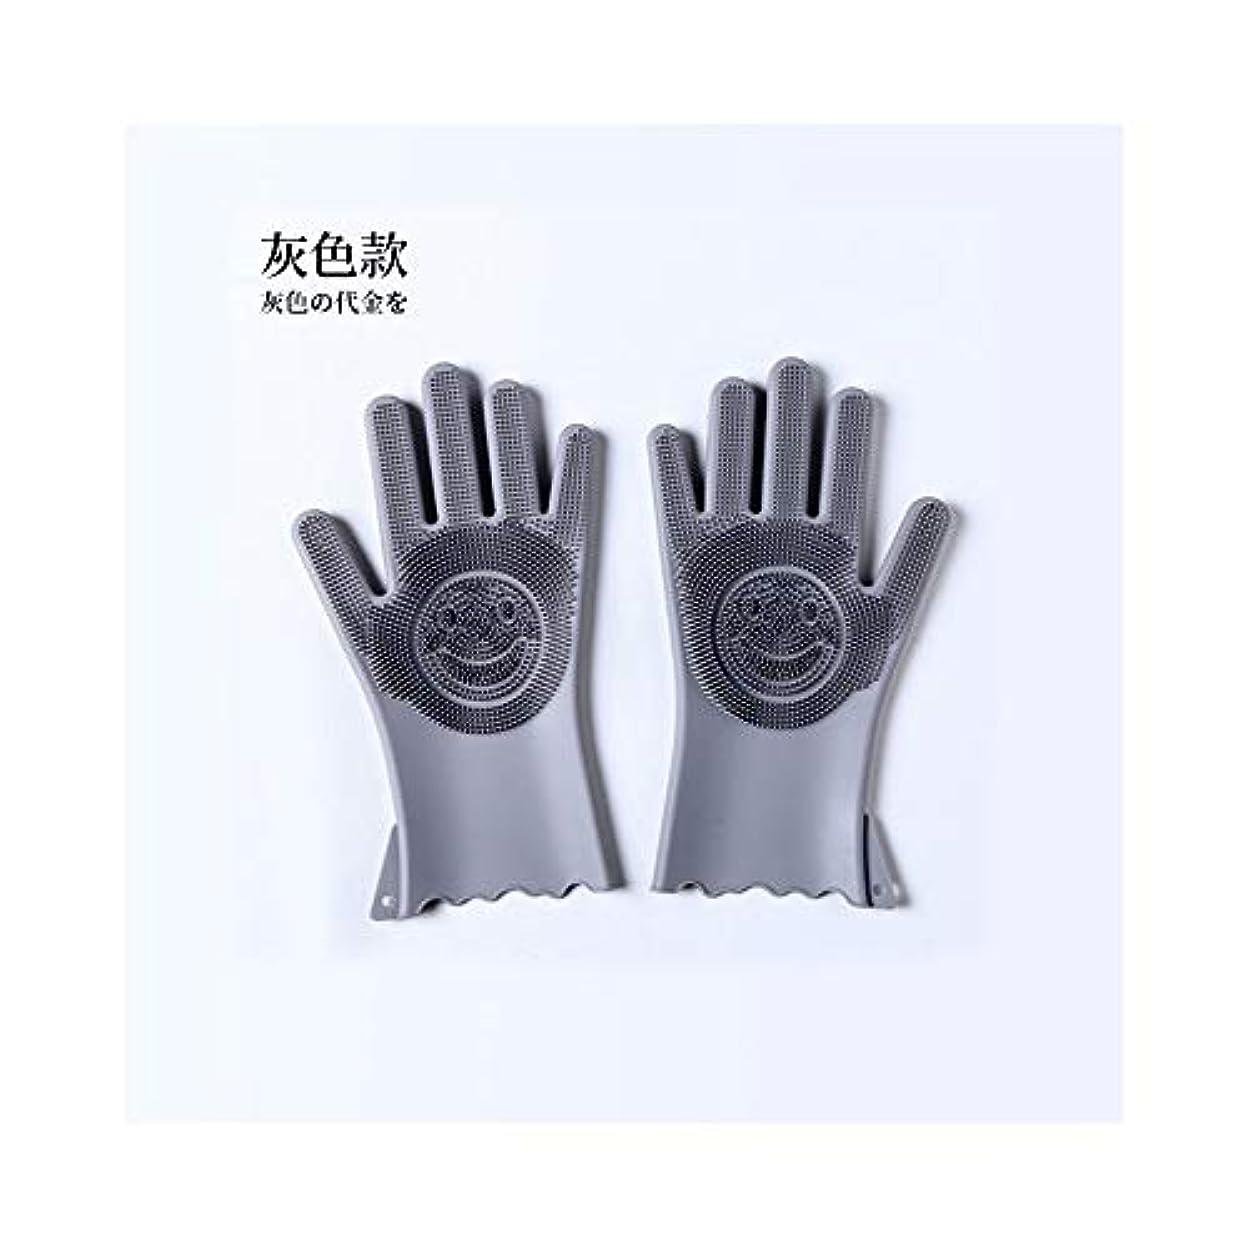 目に見える超音速徴収ニトリルゴム手袋 作業用手袋防水厚くて丈夫なシリコーン多機能キッチン家庭用手袋 使い捨て手袋 (Color : Gray, Size : M)